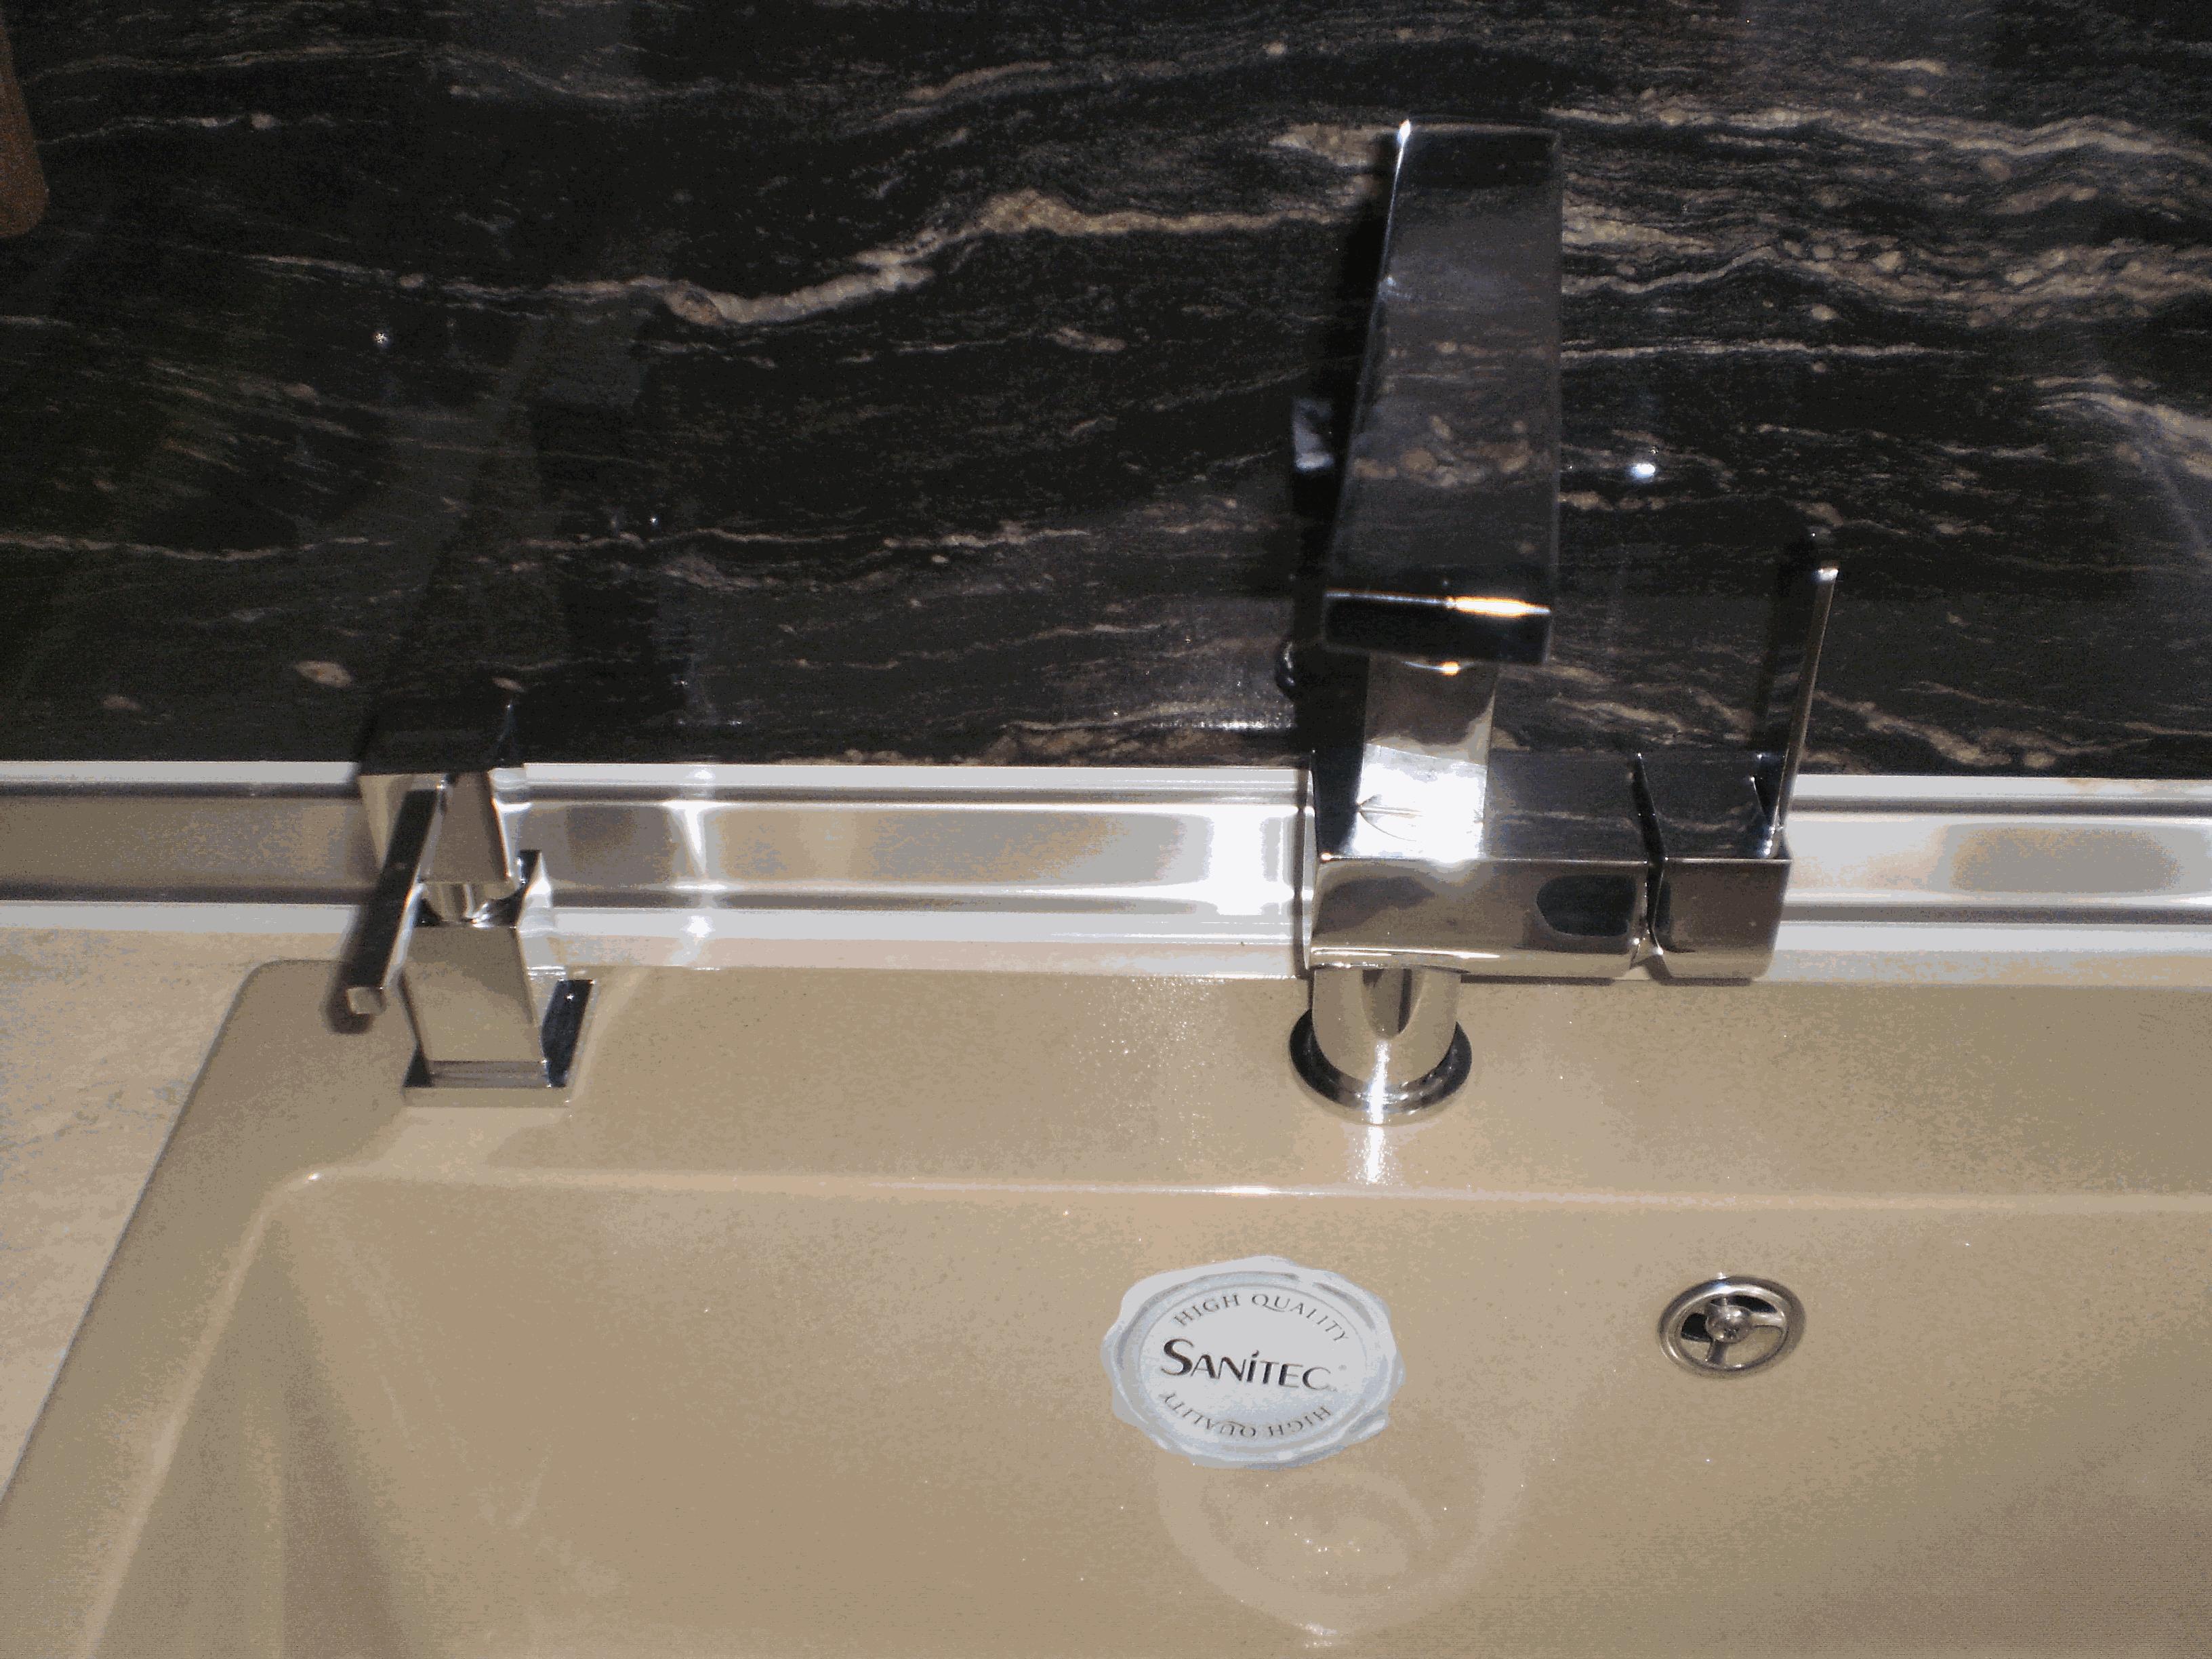 Installation of kitchen sink and dishwasher